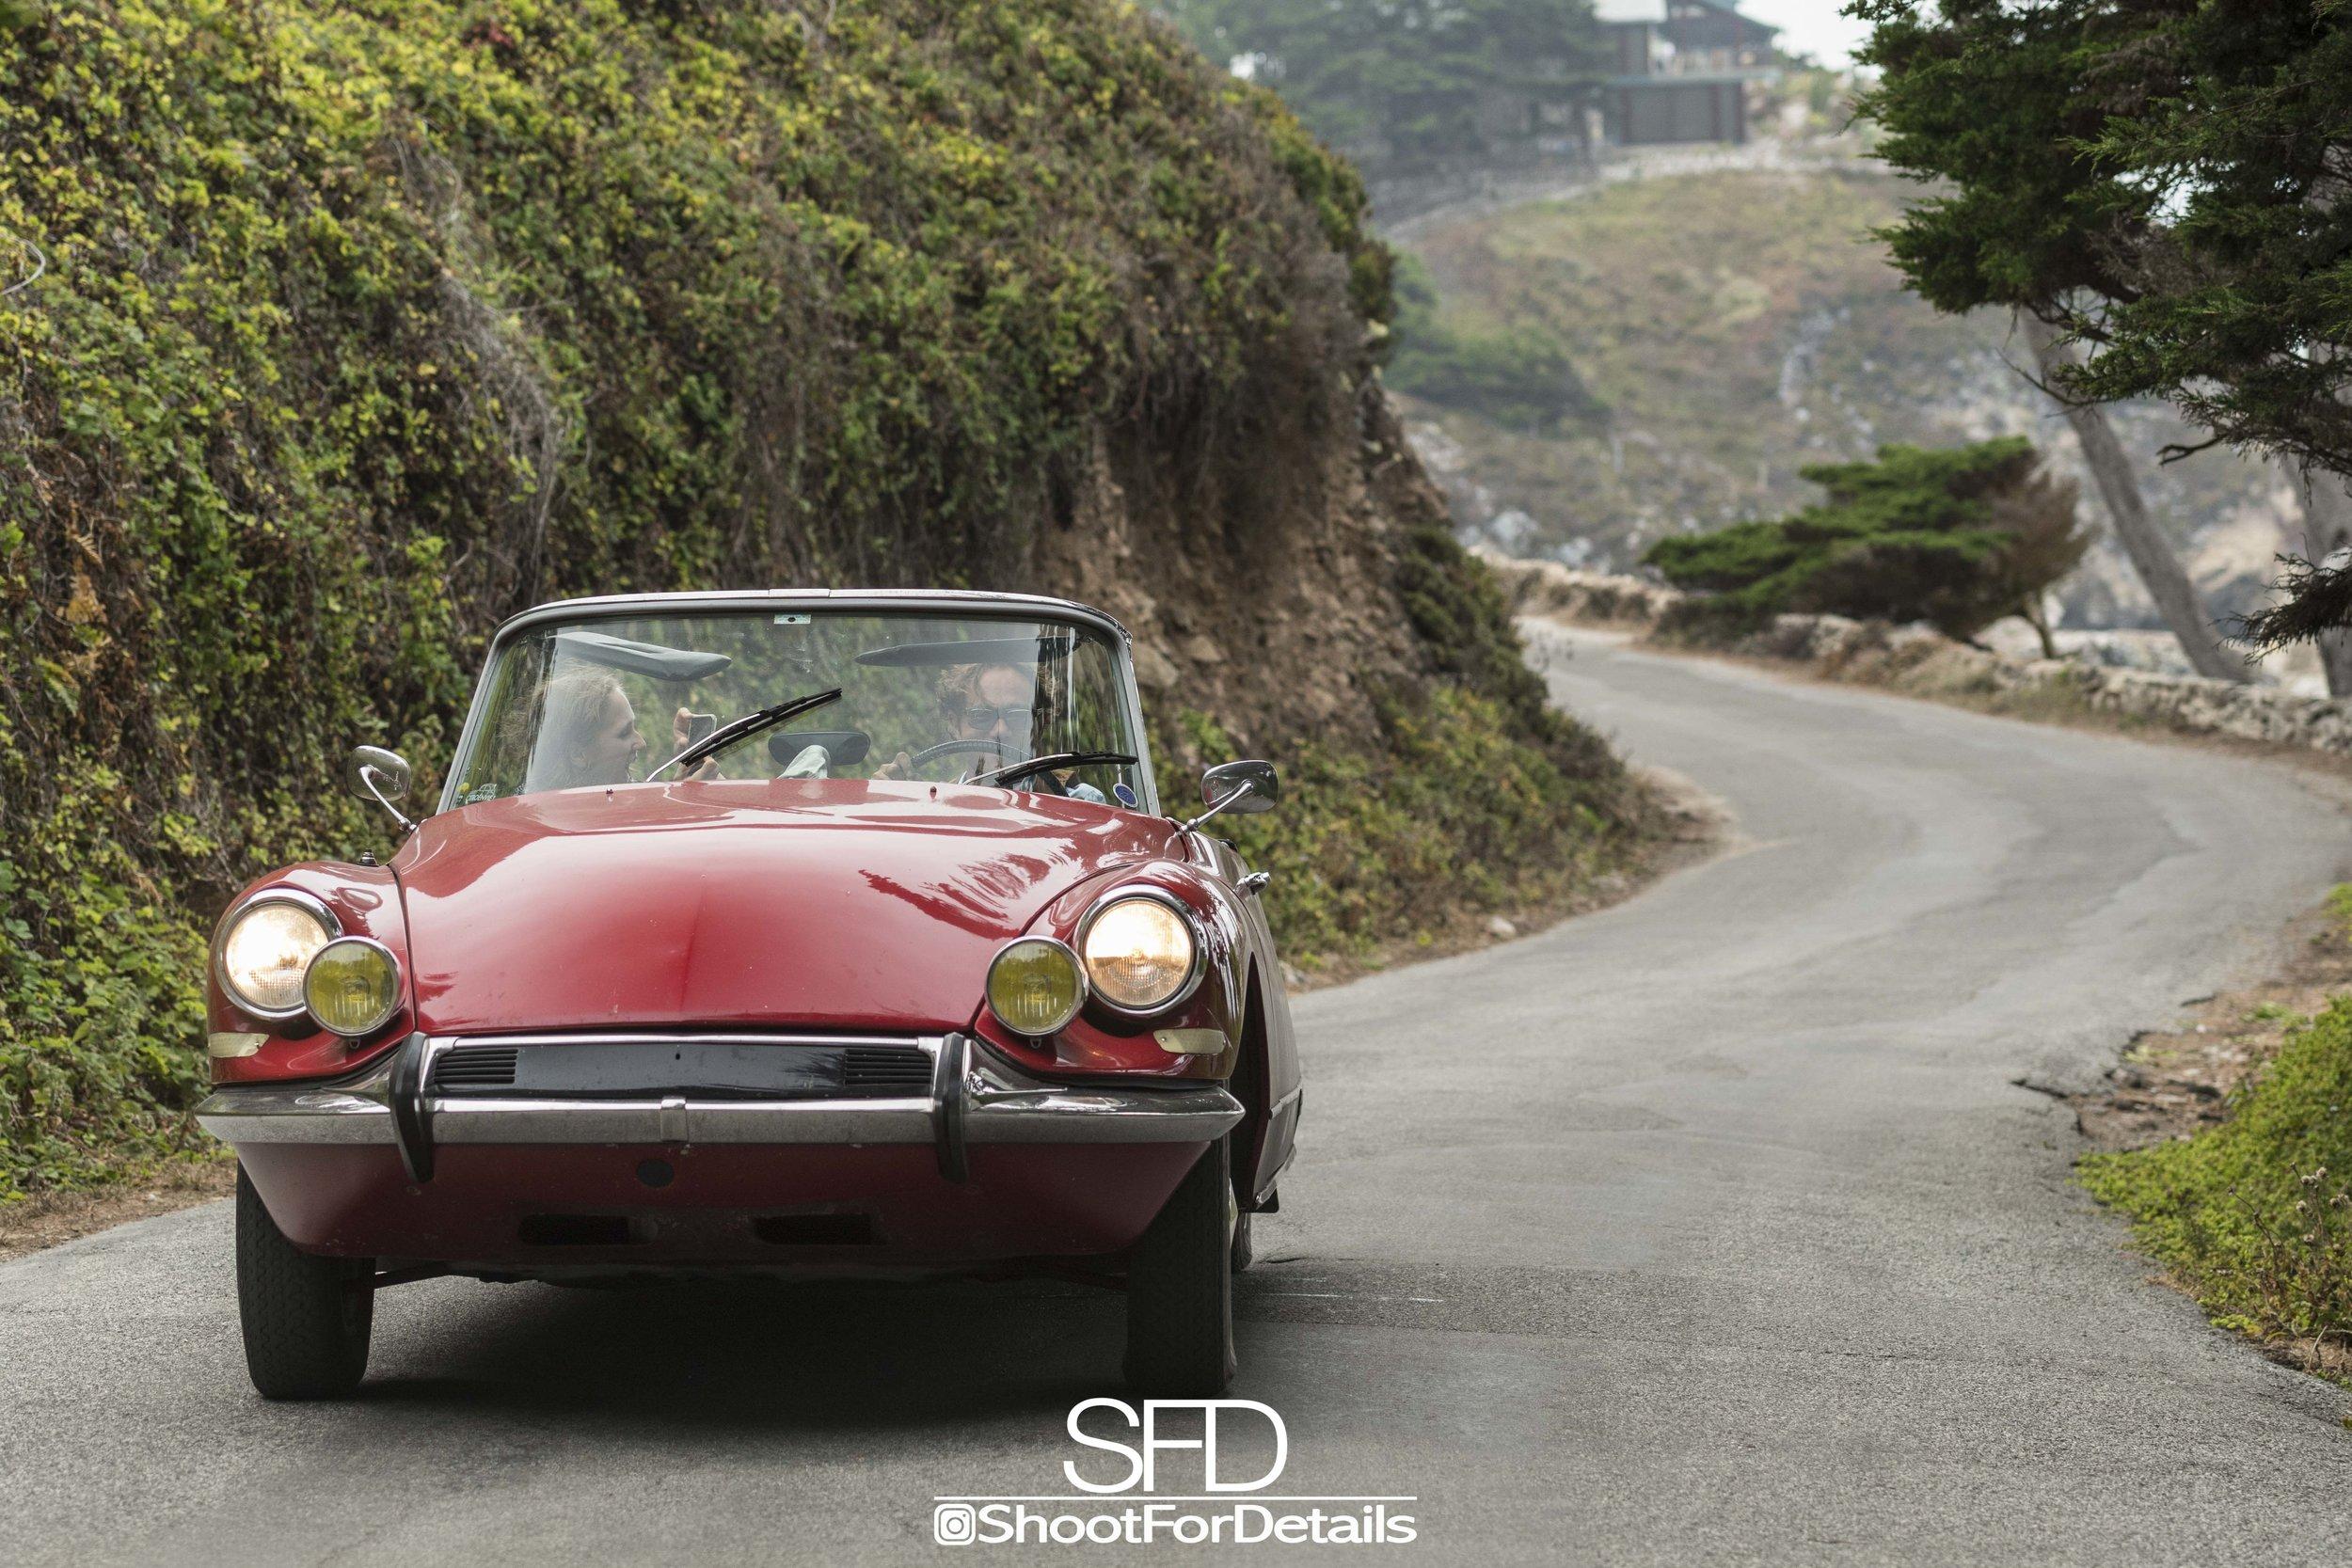 SFD_2993-1.jpg